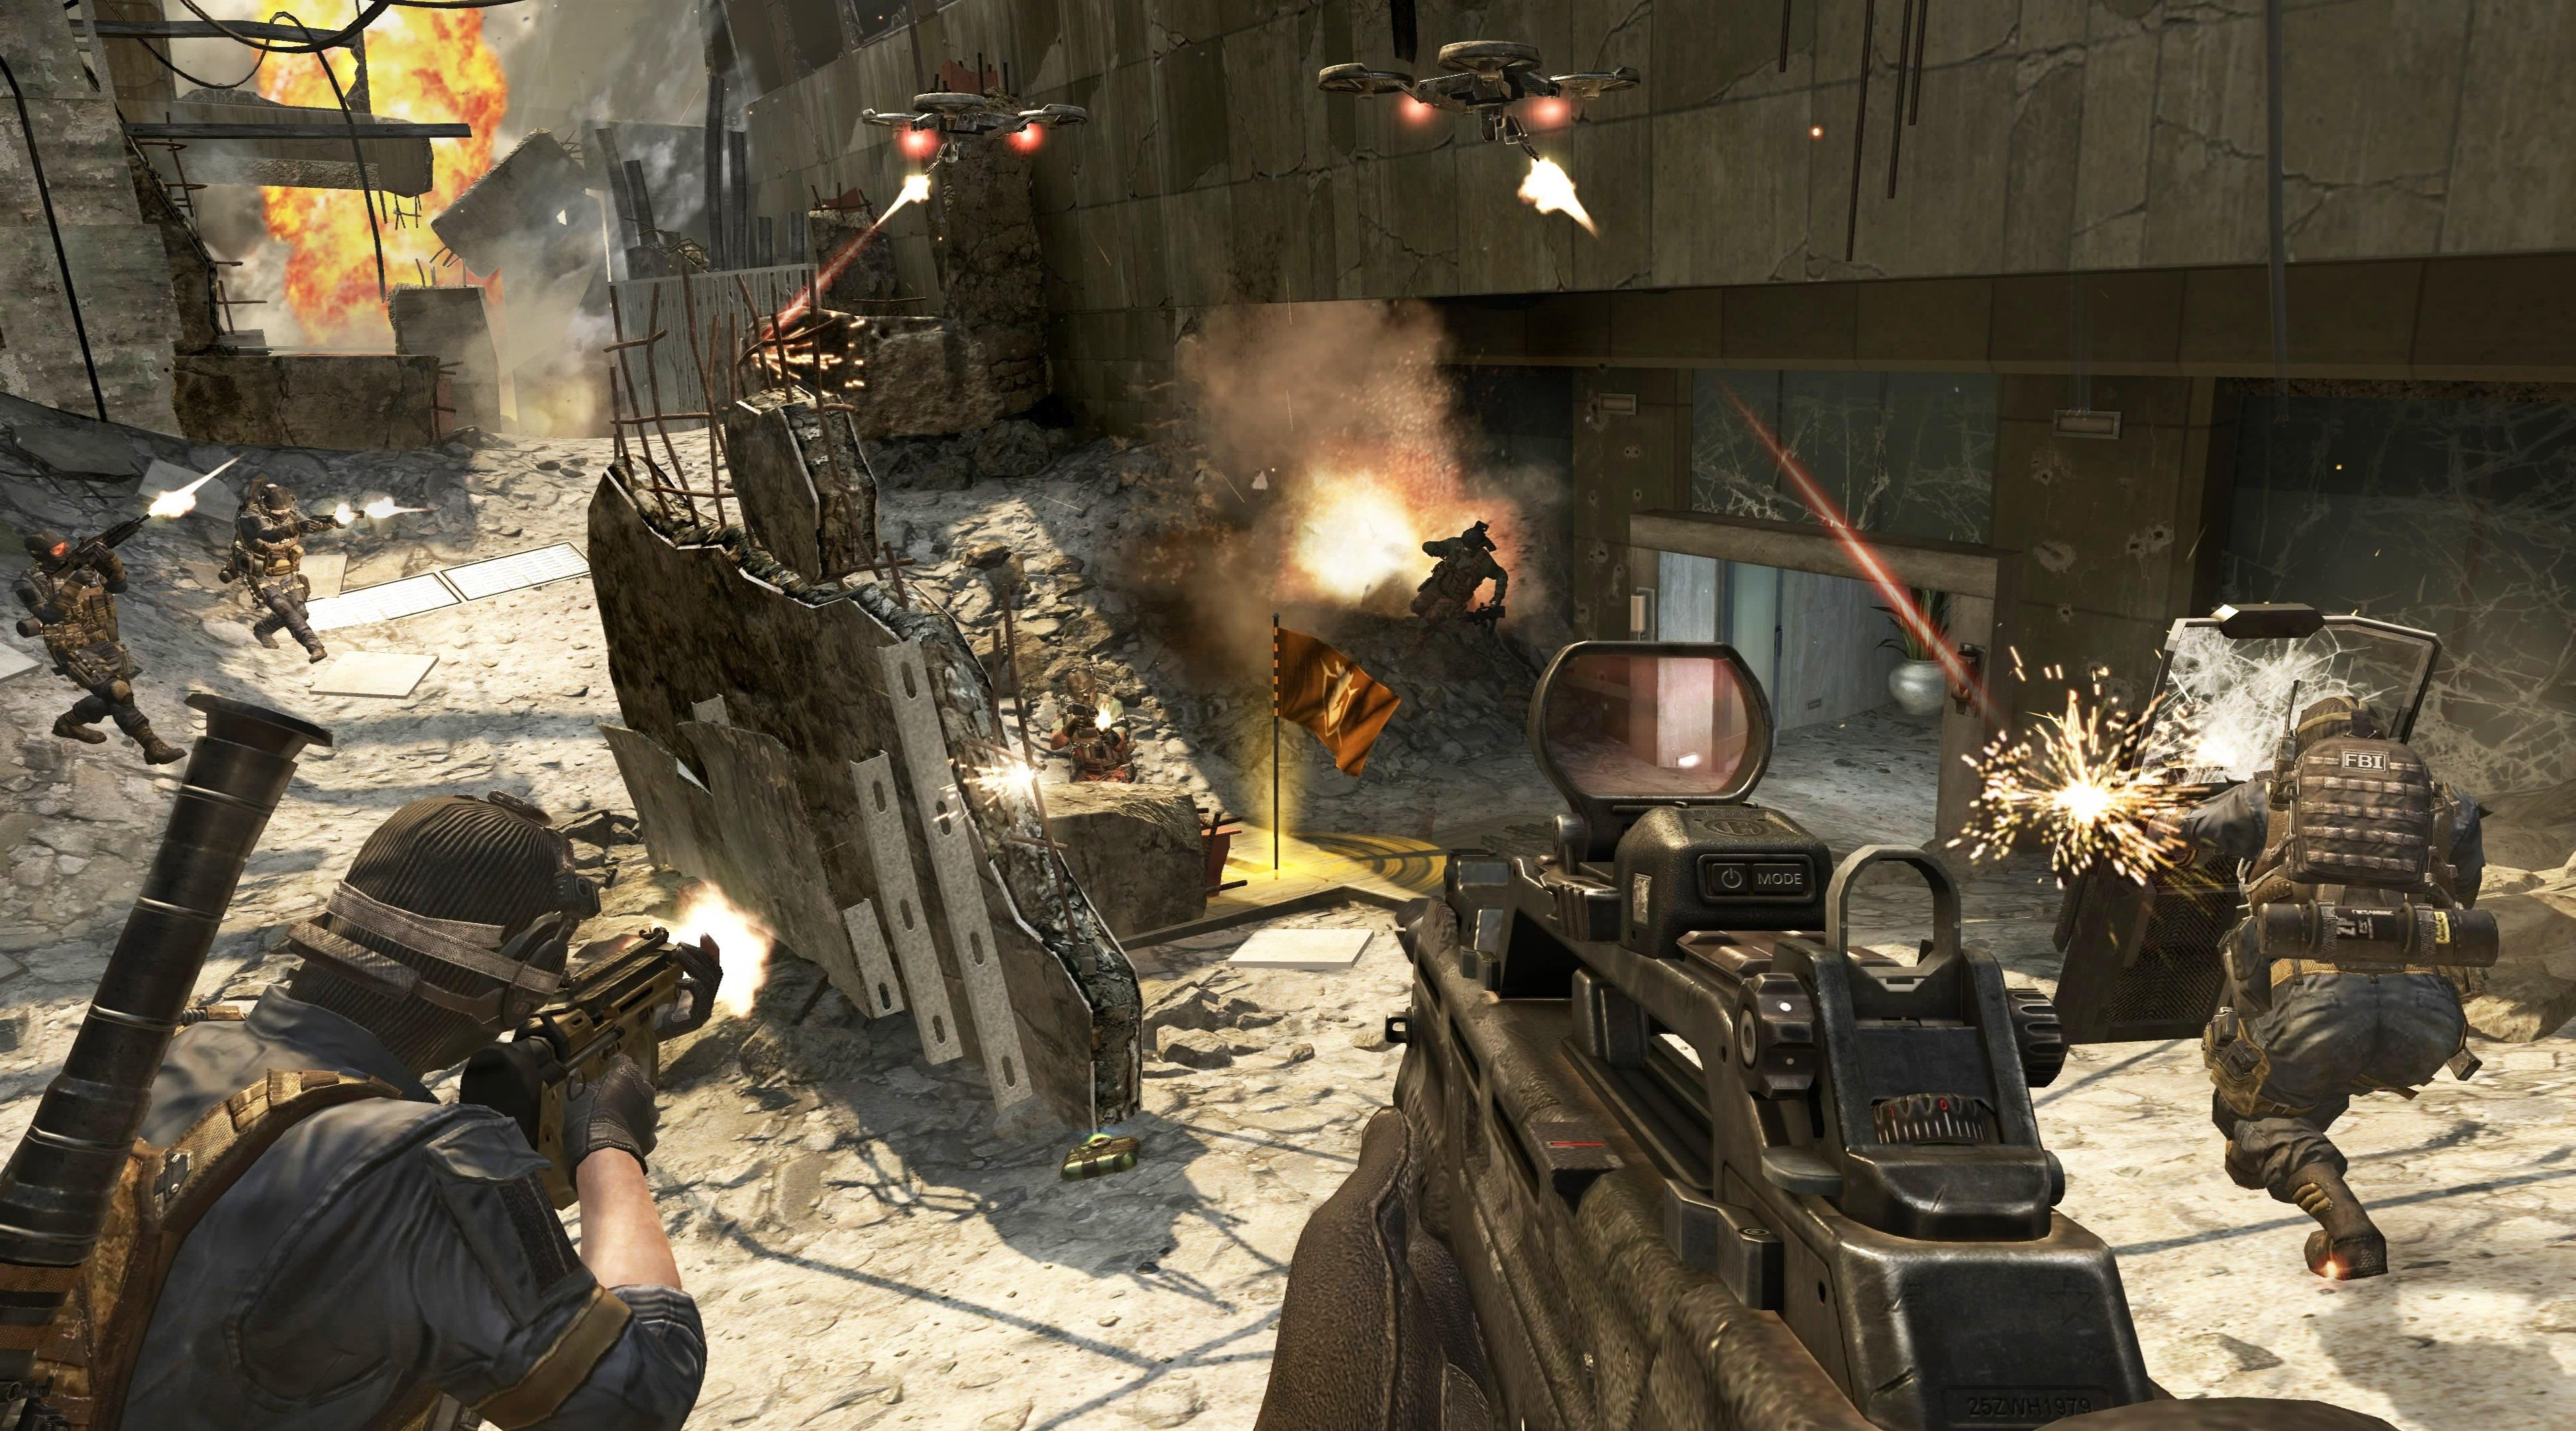 Игры на PC  ПК как игровая платформа  обзор компьютерных игр